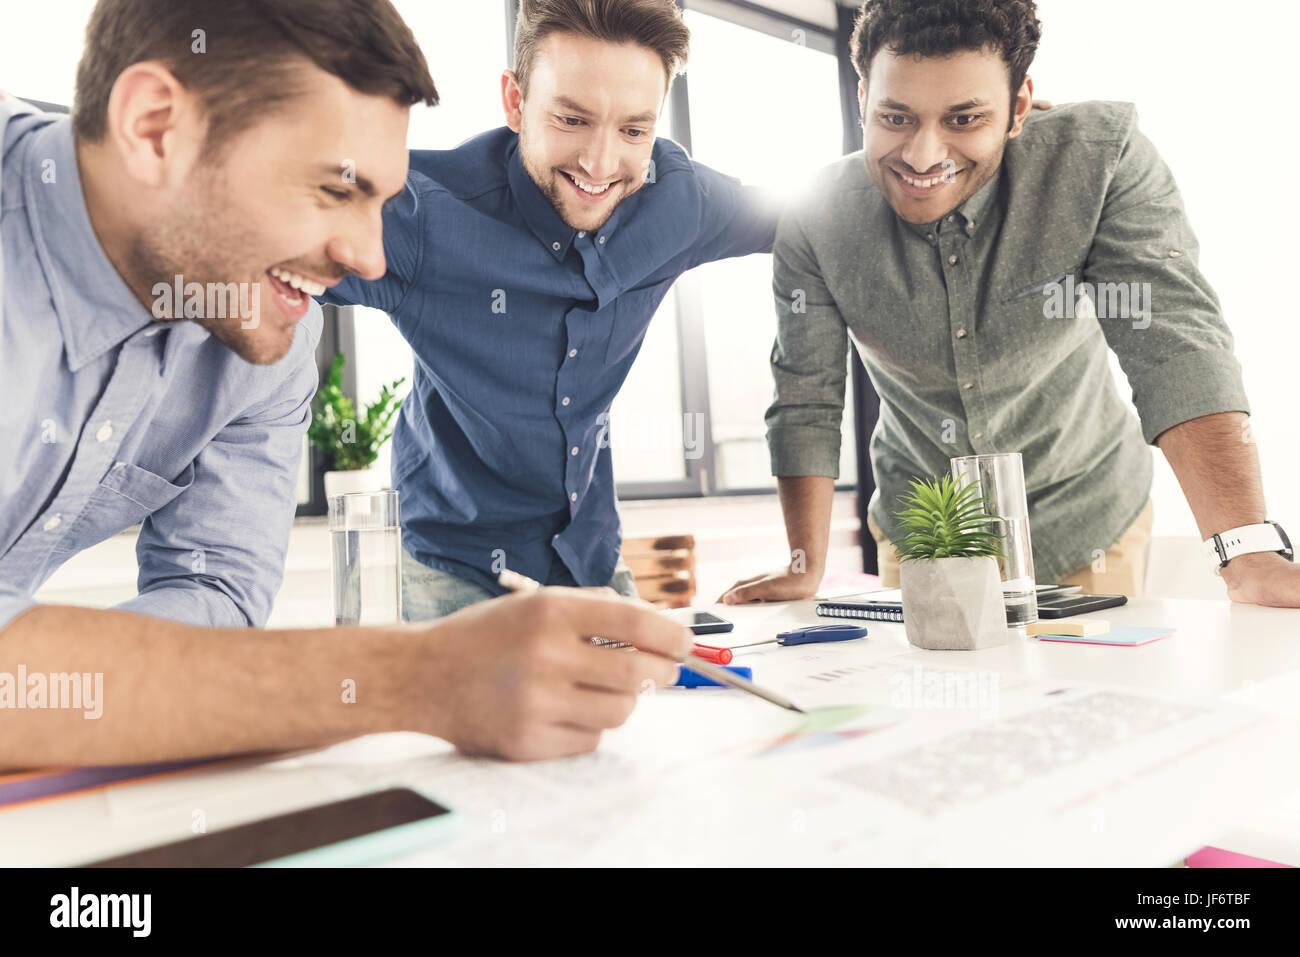 Tre giovani imprenditori appoggiata al tavolo e lavora al progetto insieme, business concetto del lavoro di squadra Immagini Stock